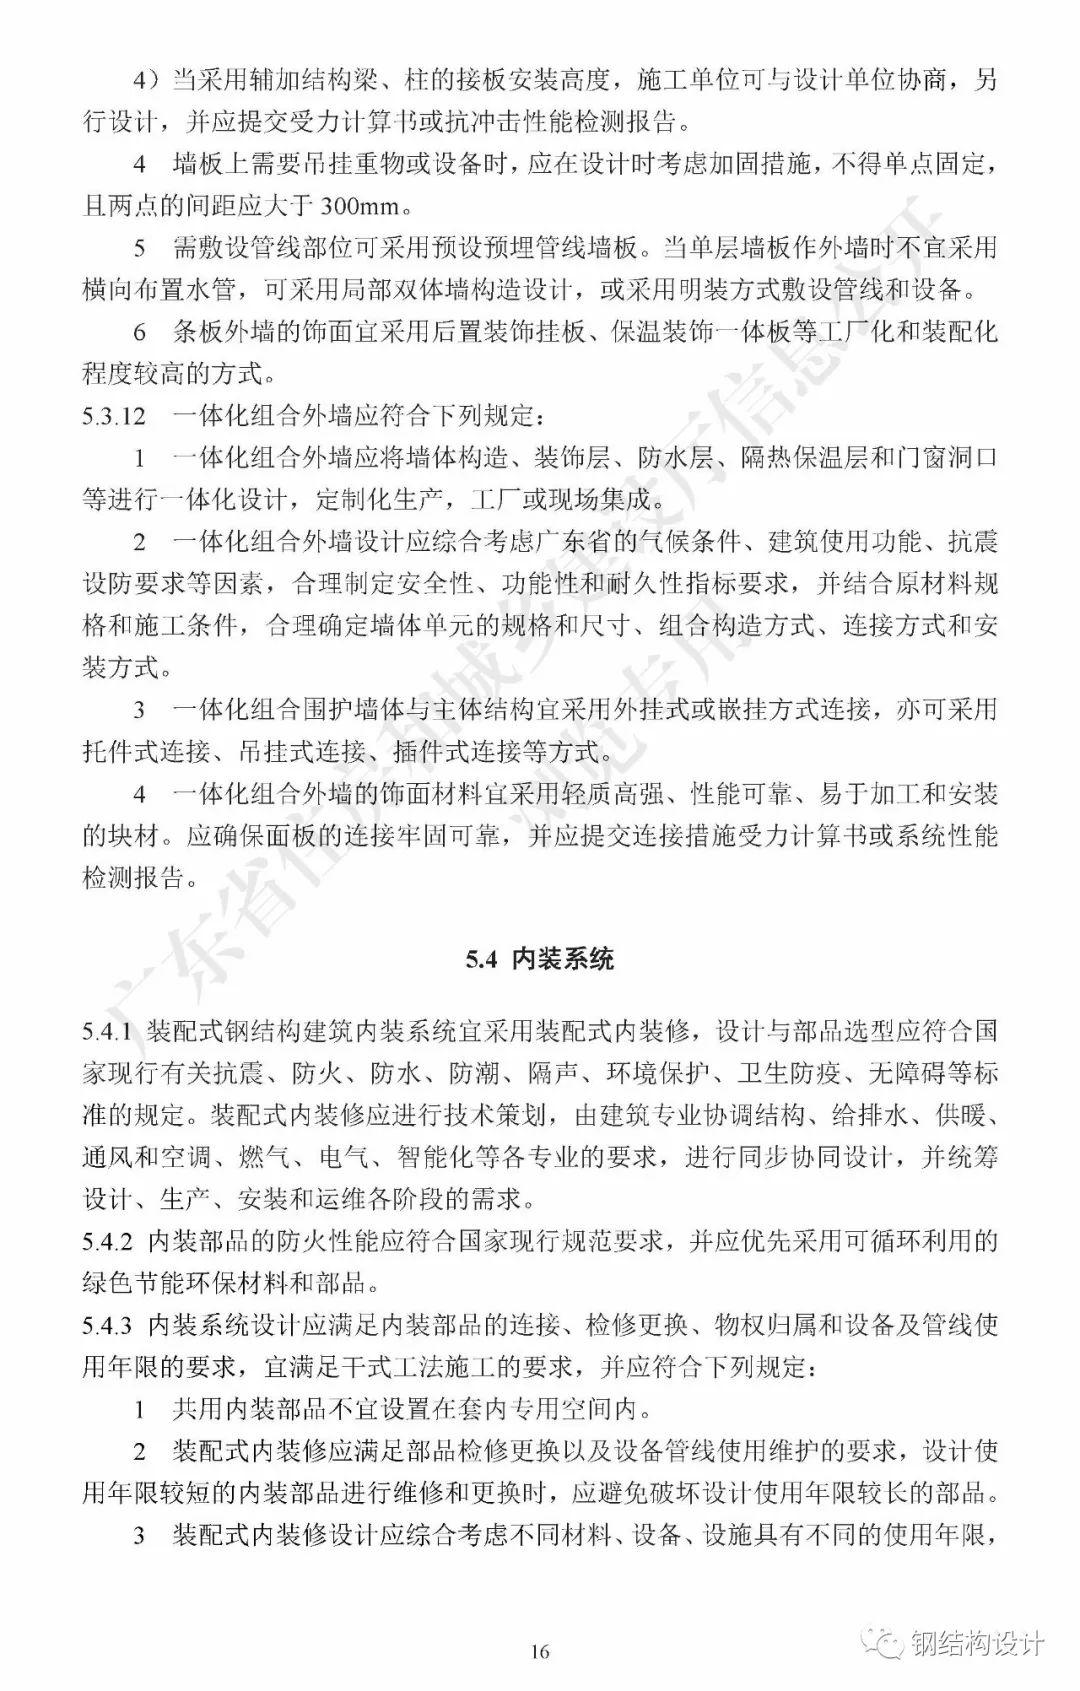 广东省《装配式钢结构建筑技术规程》发布_26